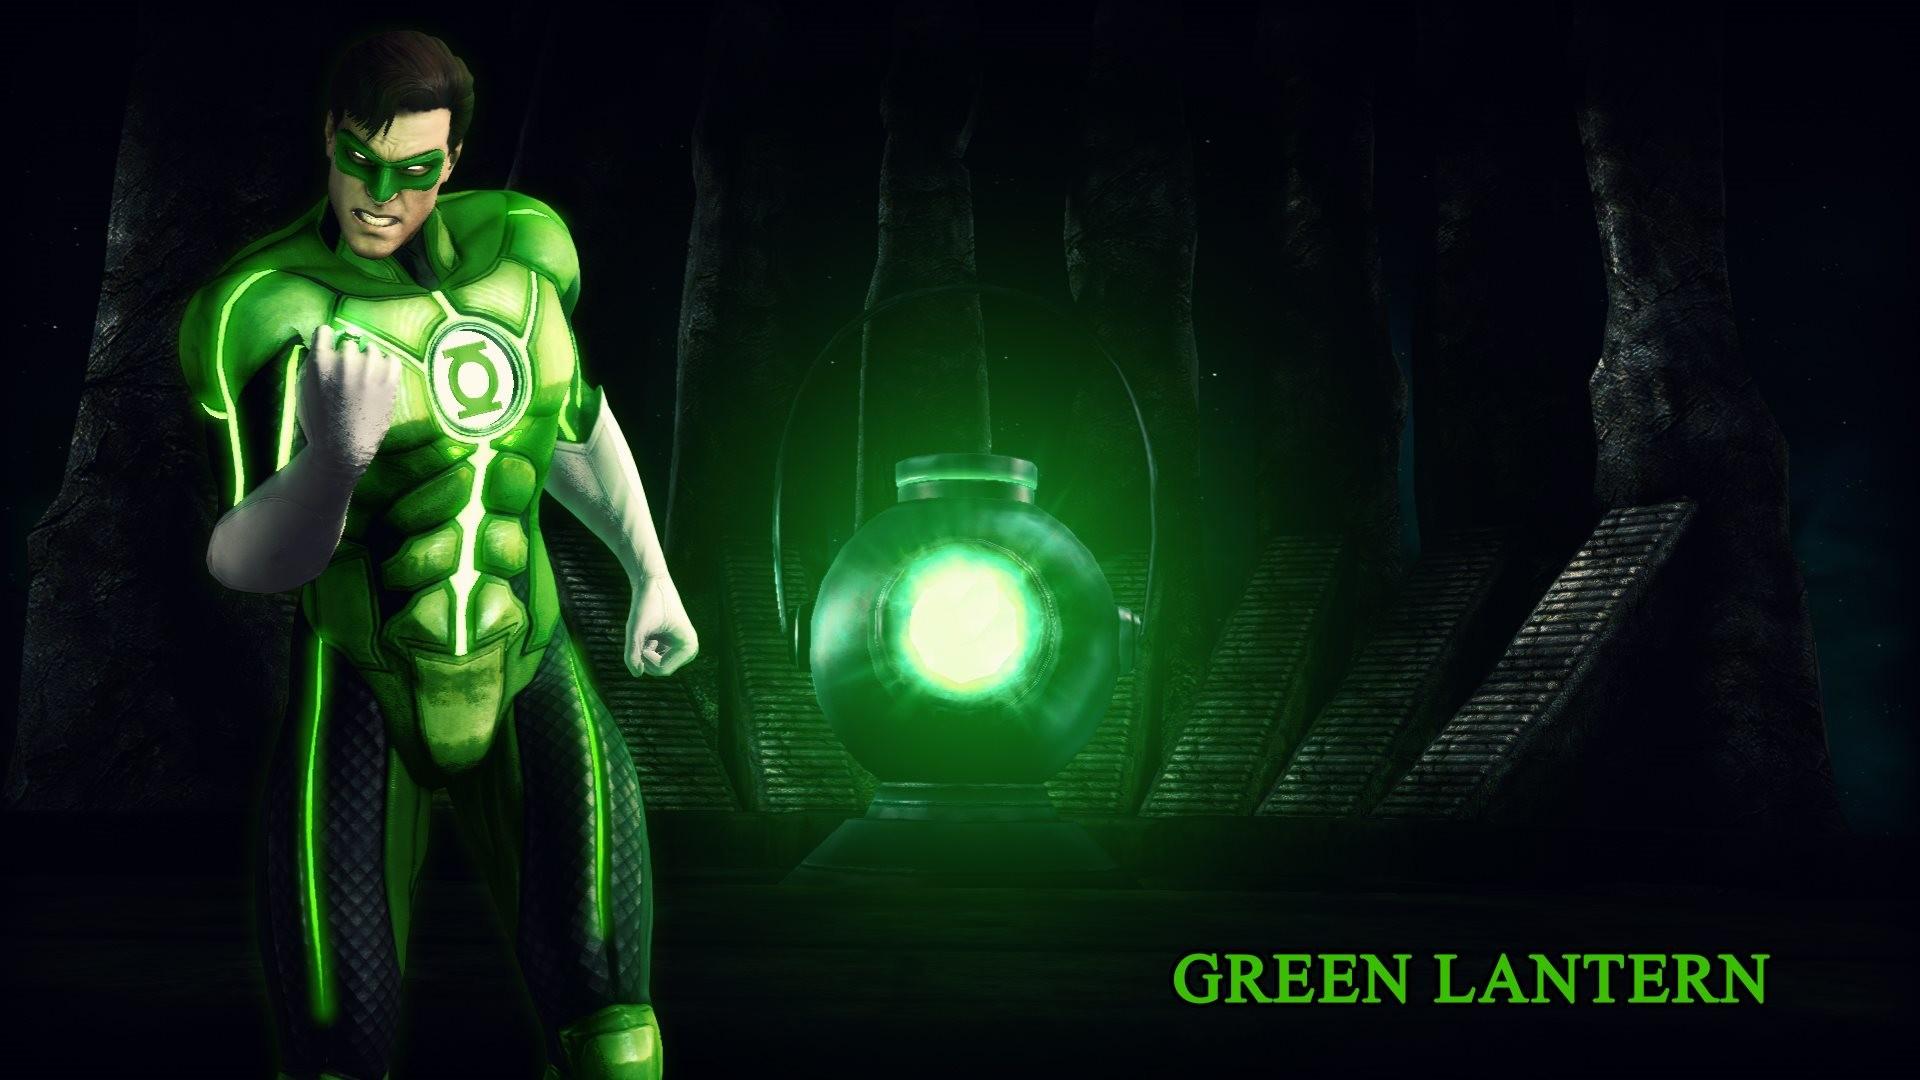 Green Lantern Logo Wallpaper (70+ Images